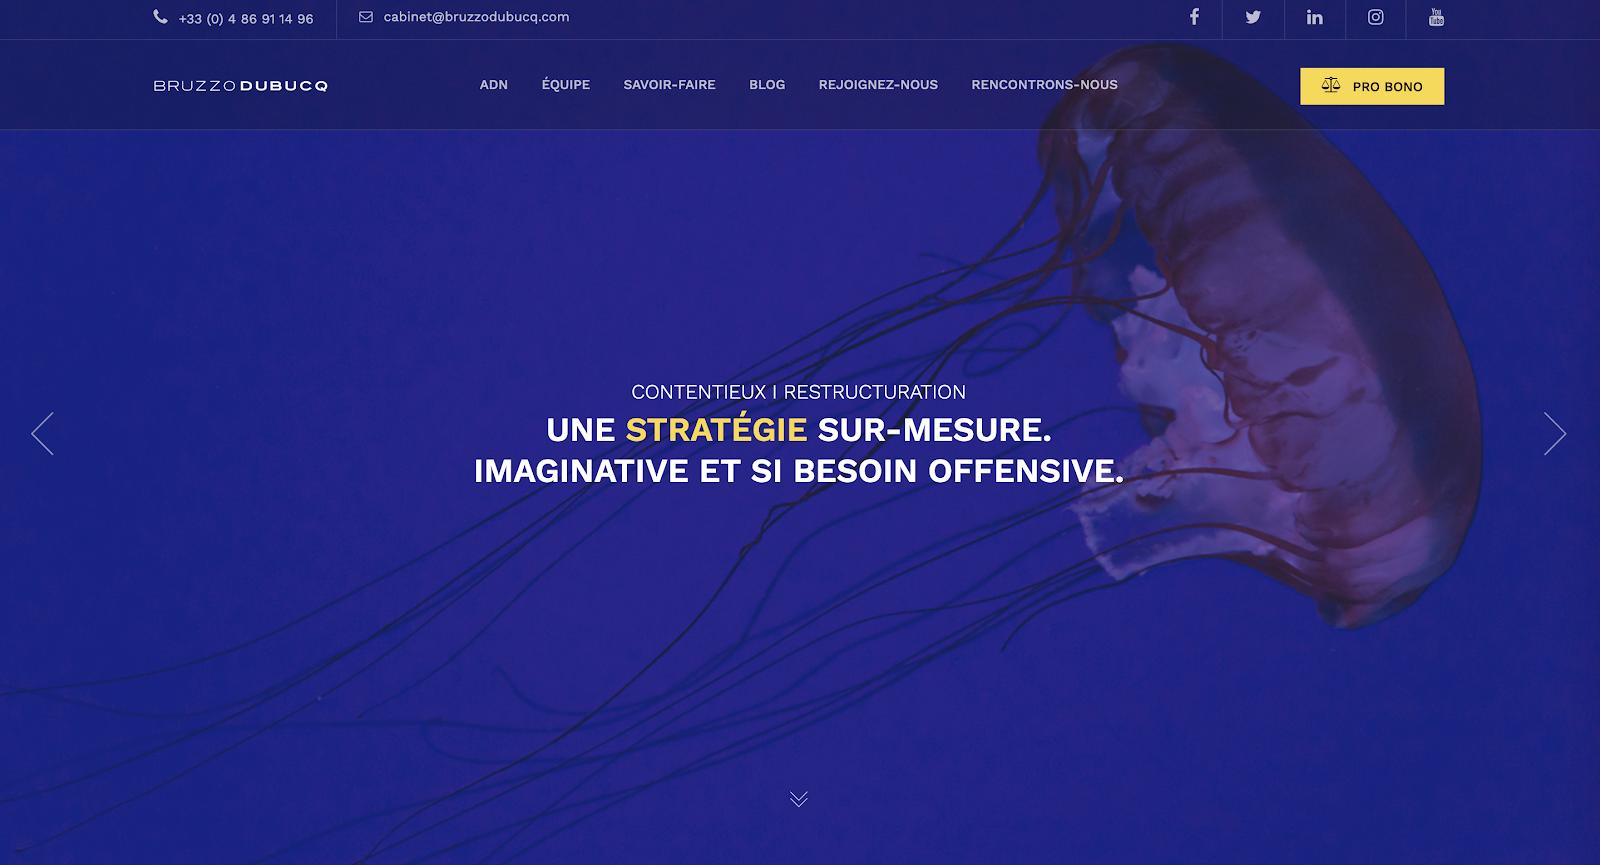 site du cabinet Bruzzo Dubucq